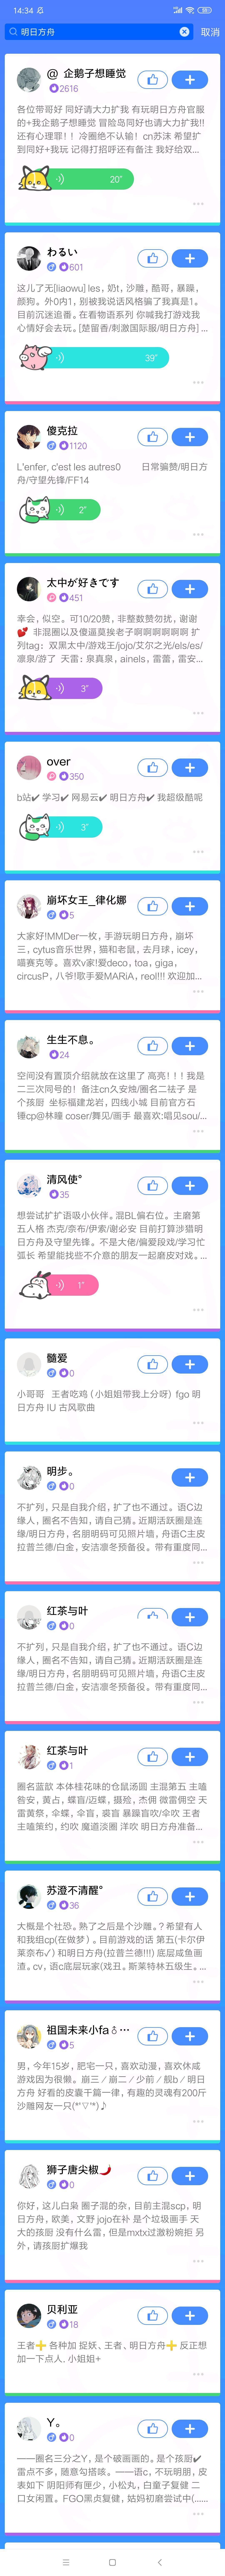 新时代二次元QQ扩列留言选